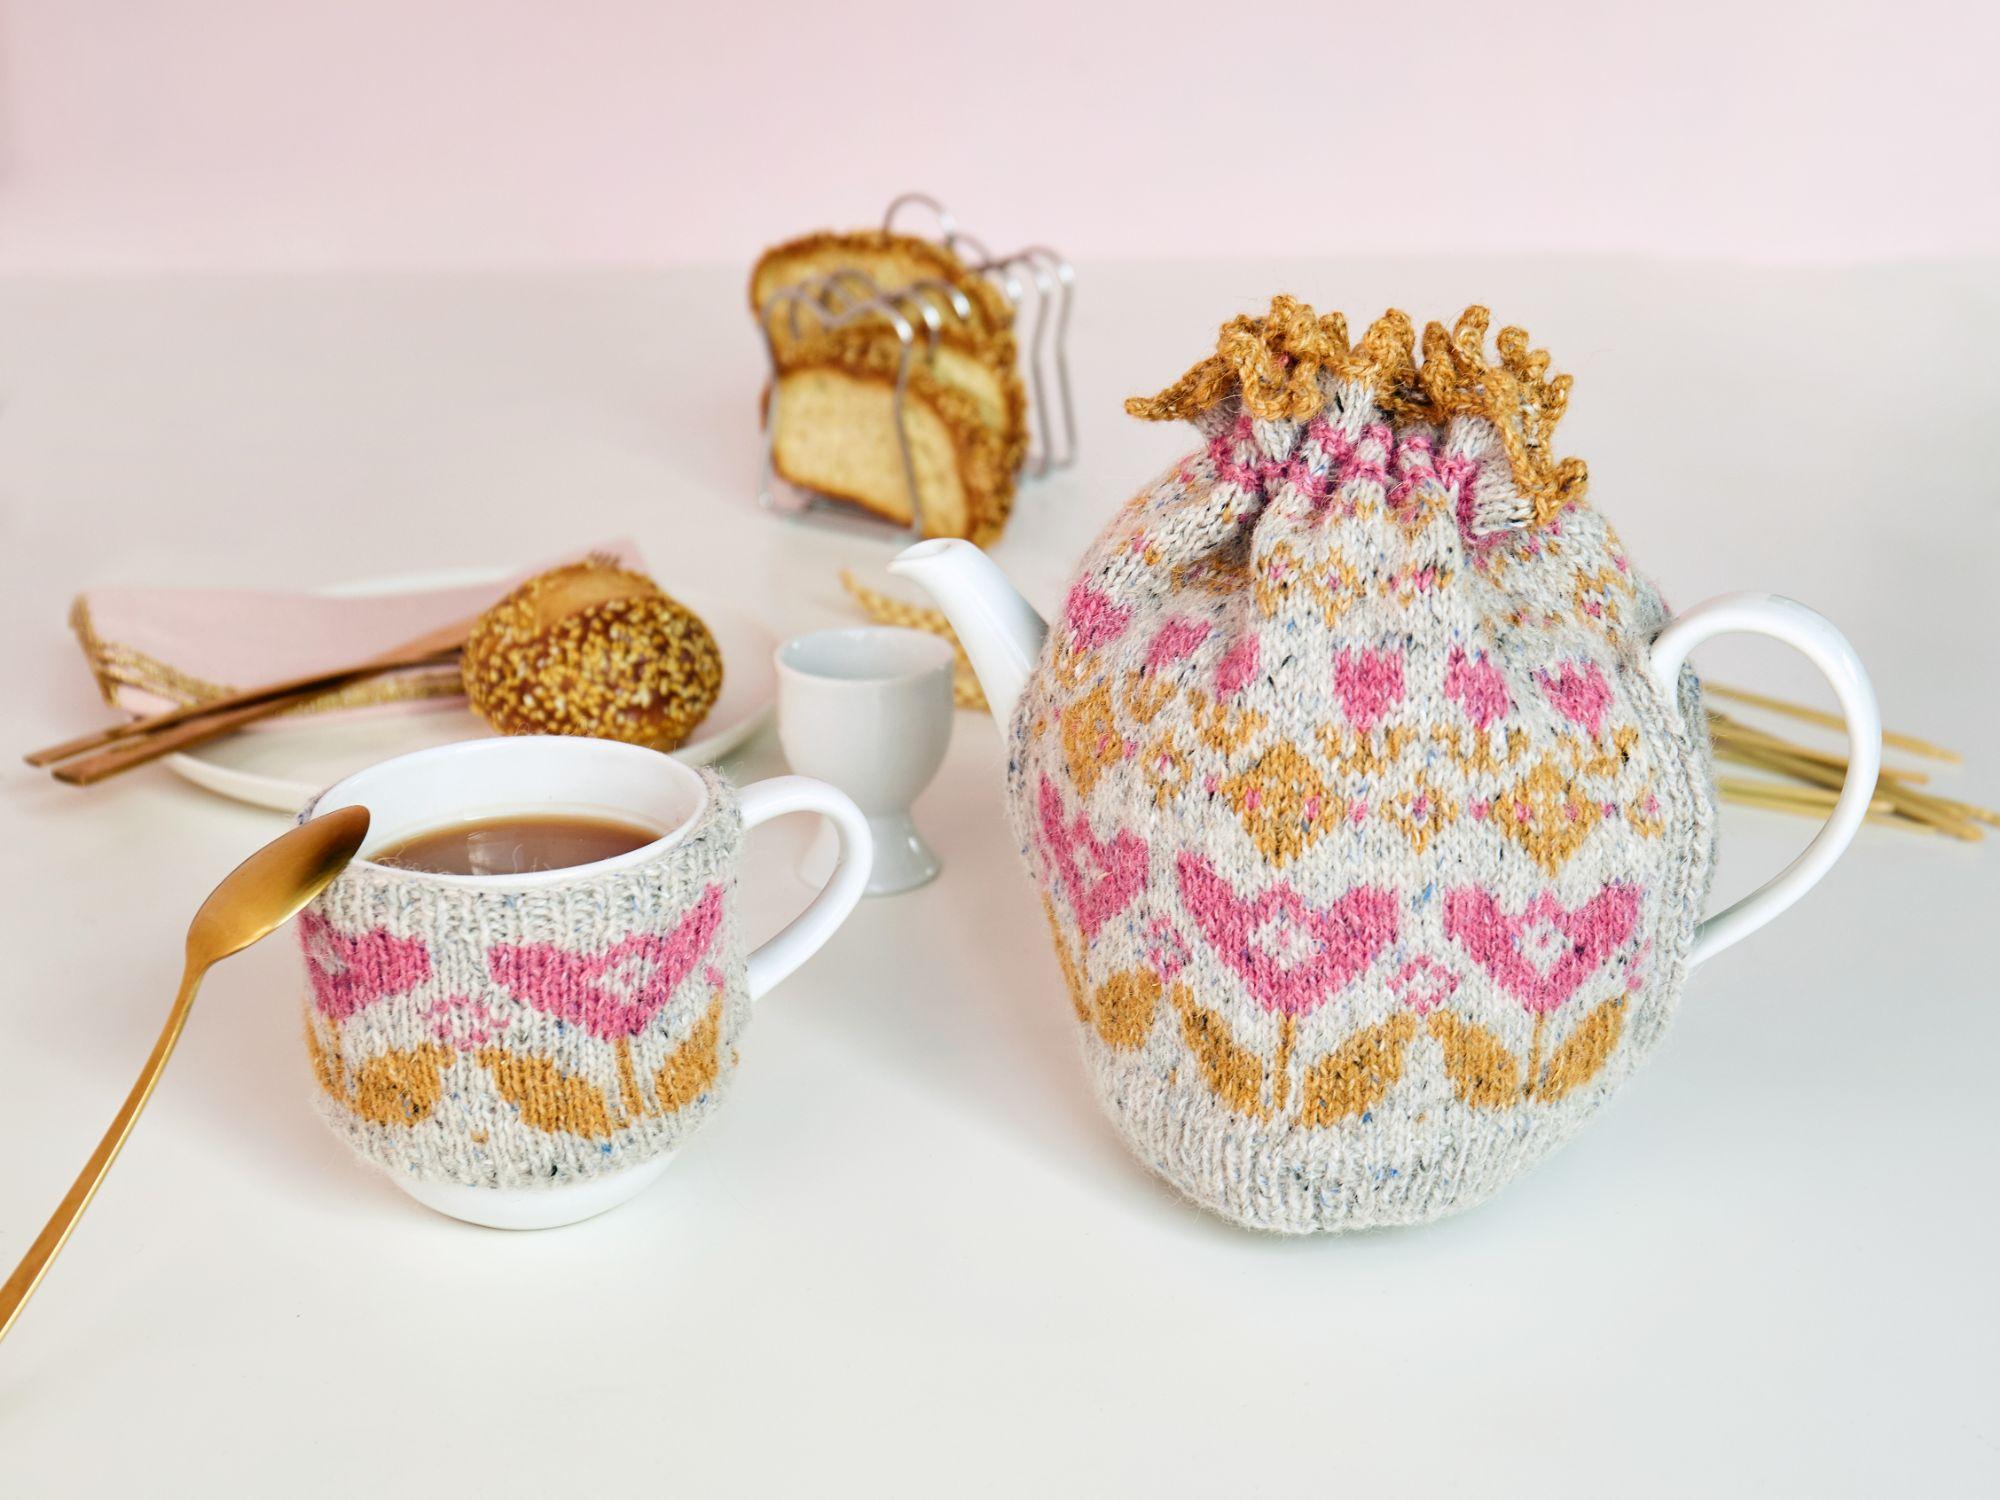 Tea cosy set